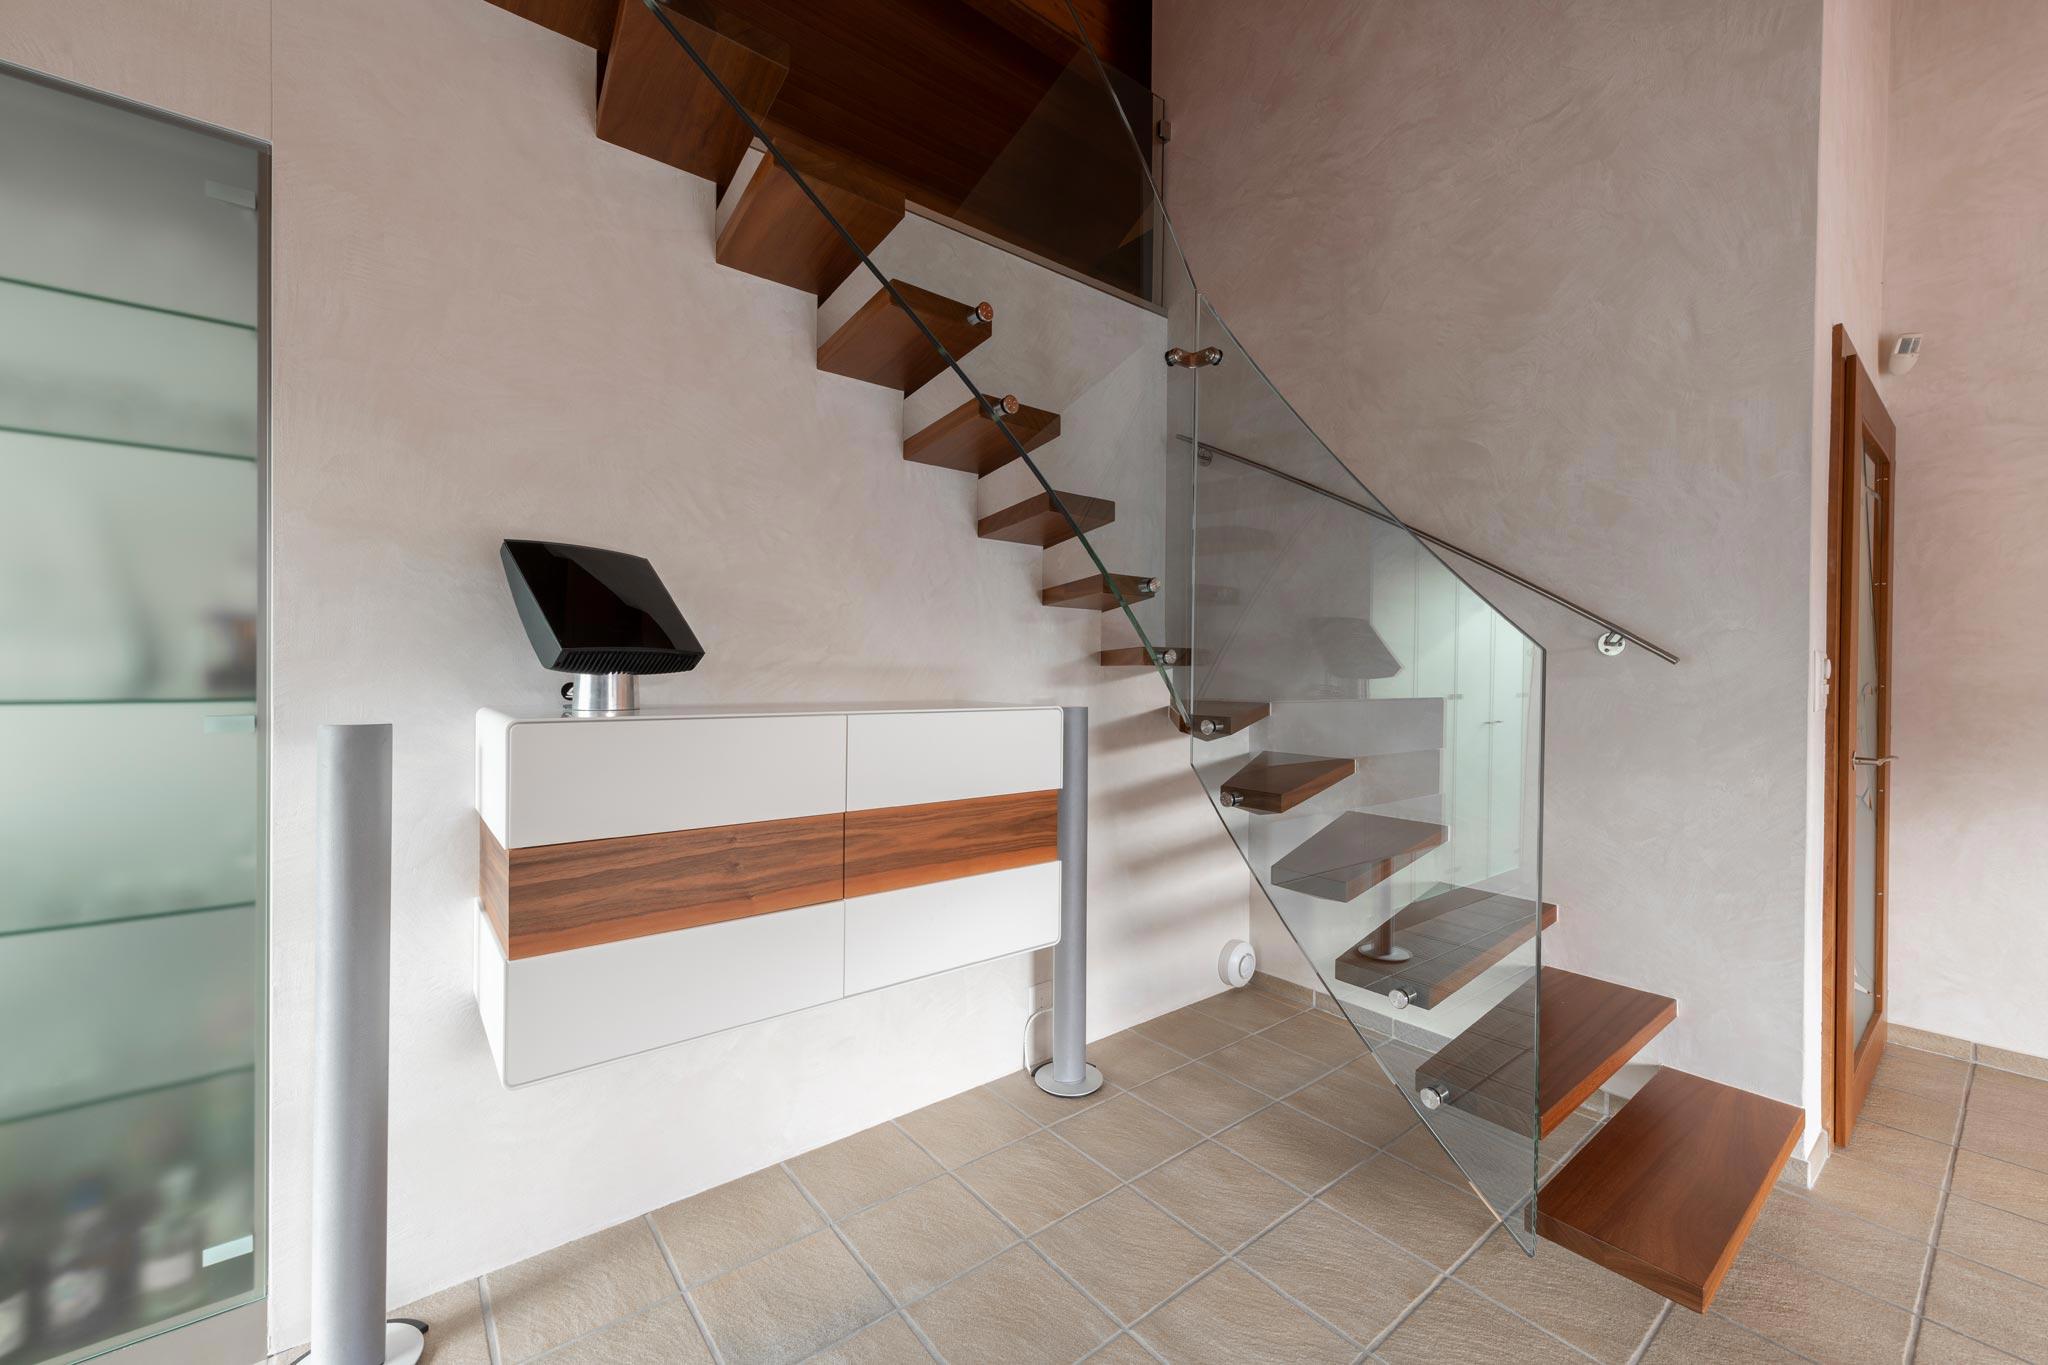 ES Bru 5381 escalier hor 20 05 007 - Escalier autoportant à Sierre (Bb)